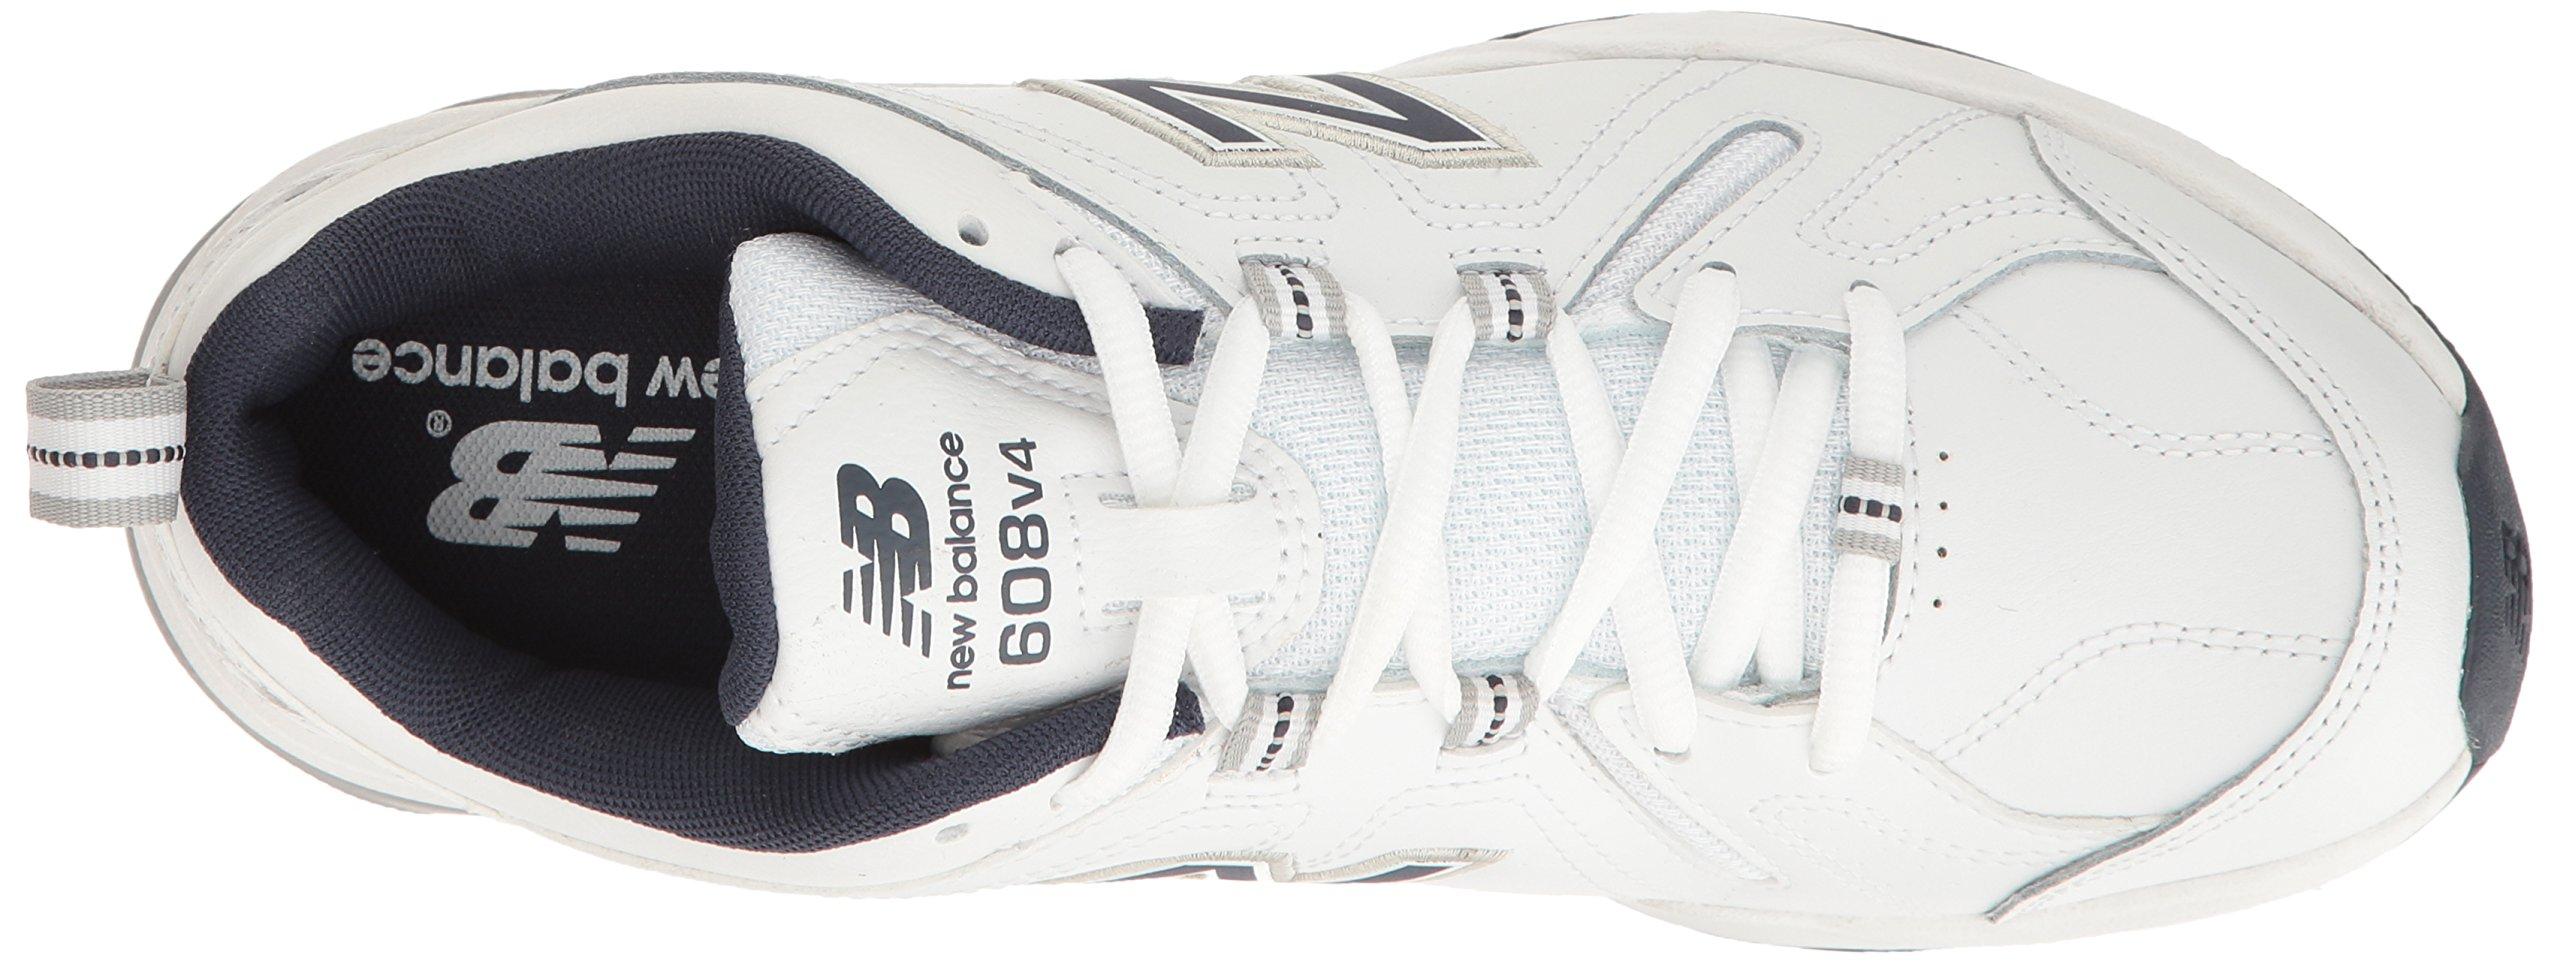 New Balance Men's MX608v4 Training Shoe, White/Navy, 7.5 4E US by New Balance (Image #8)